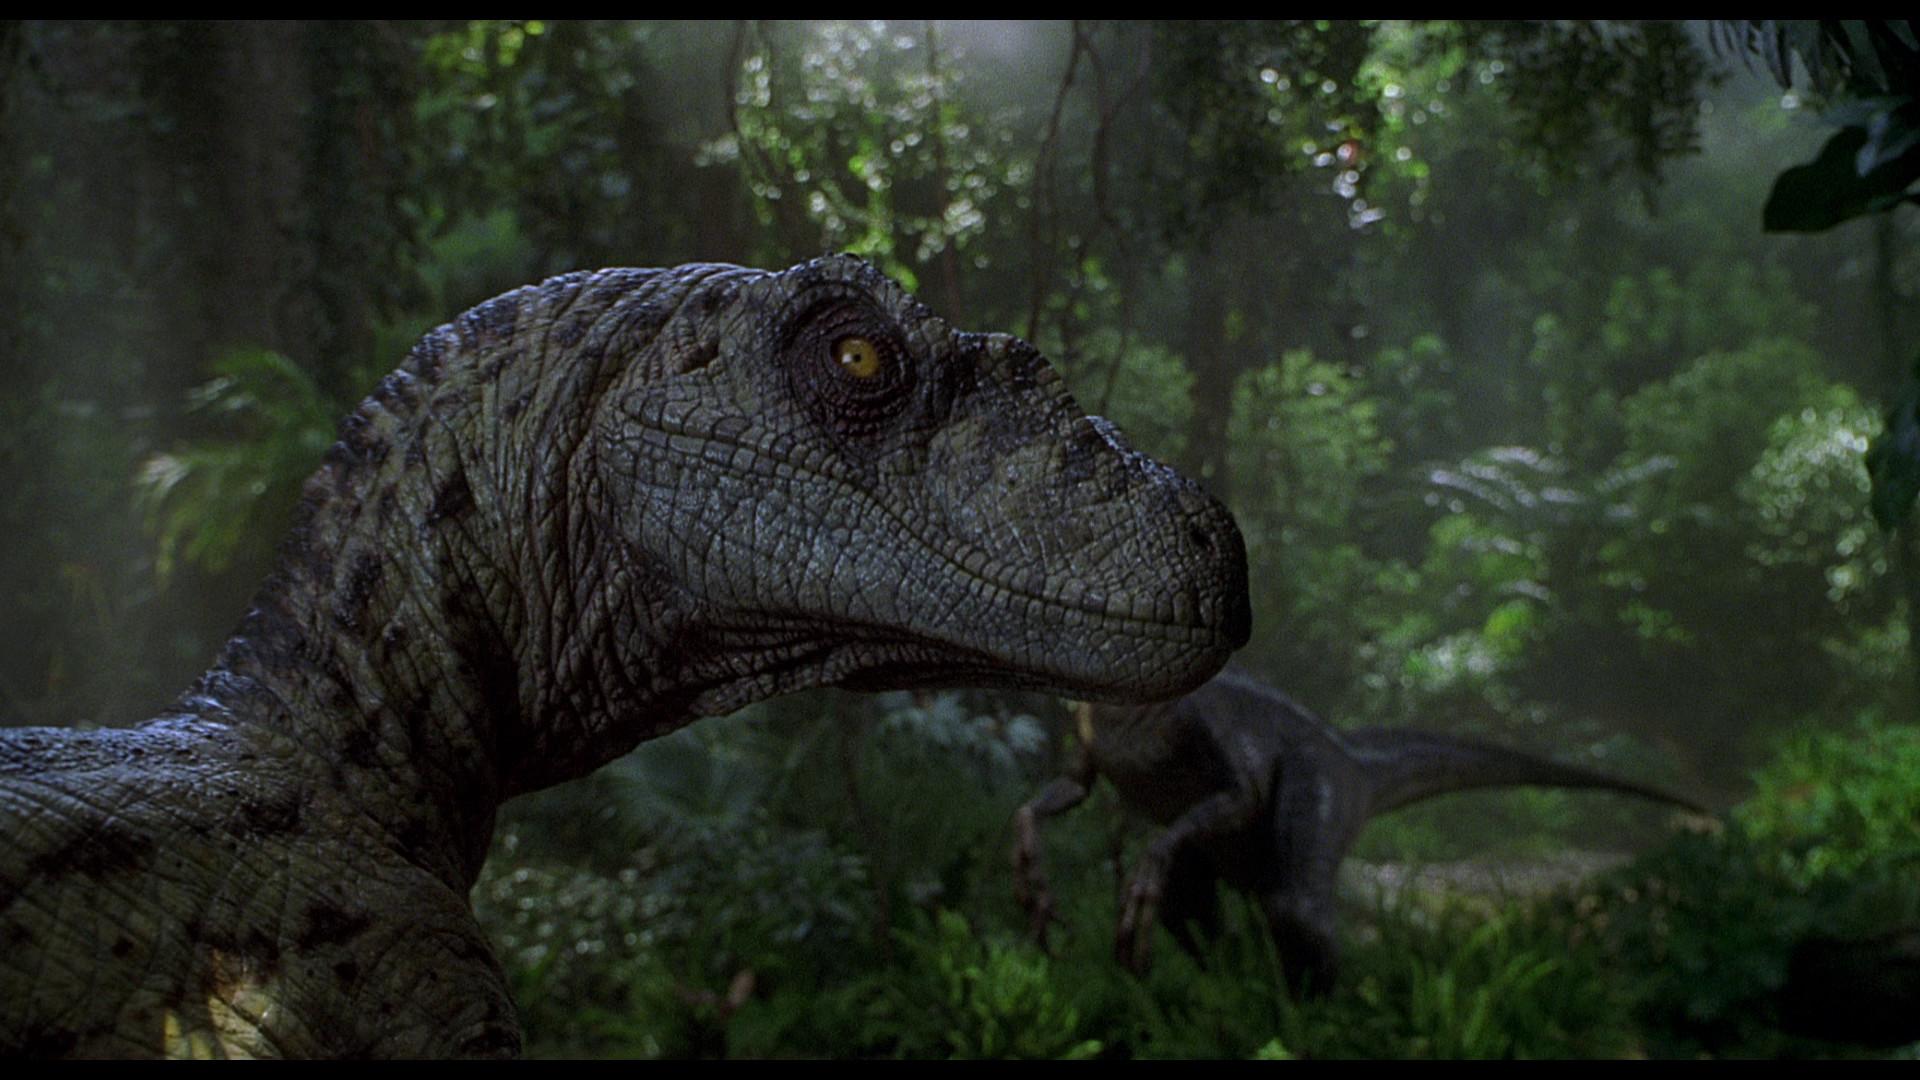 Raptor 1080p Dinosaur Wallpaper